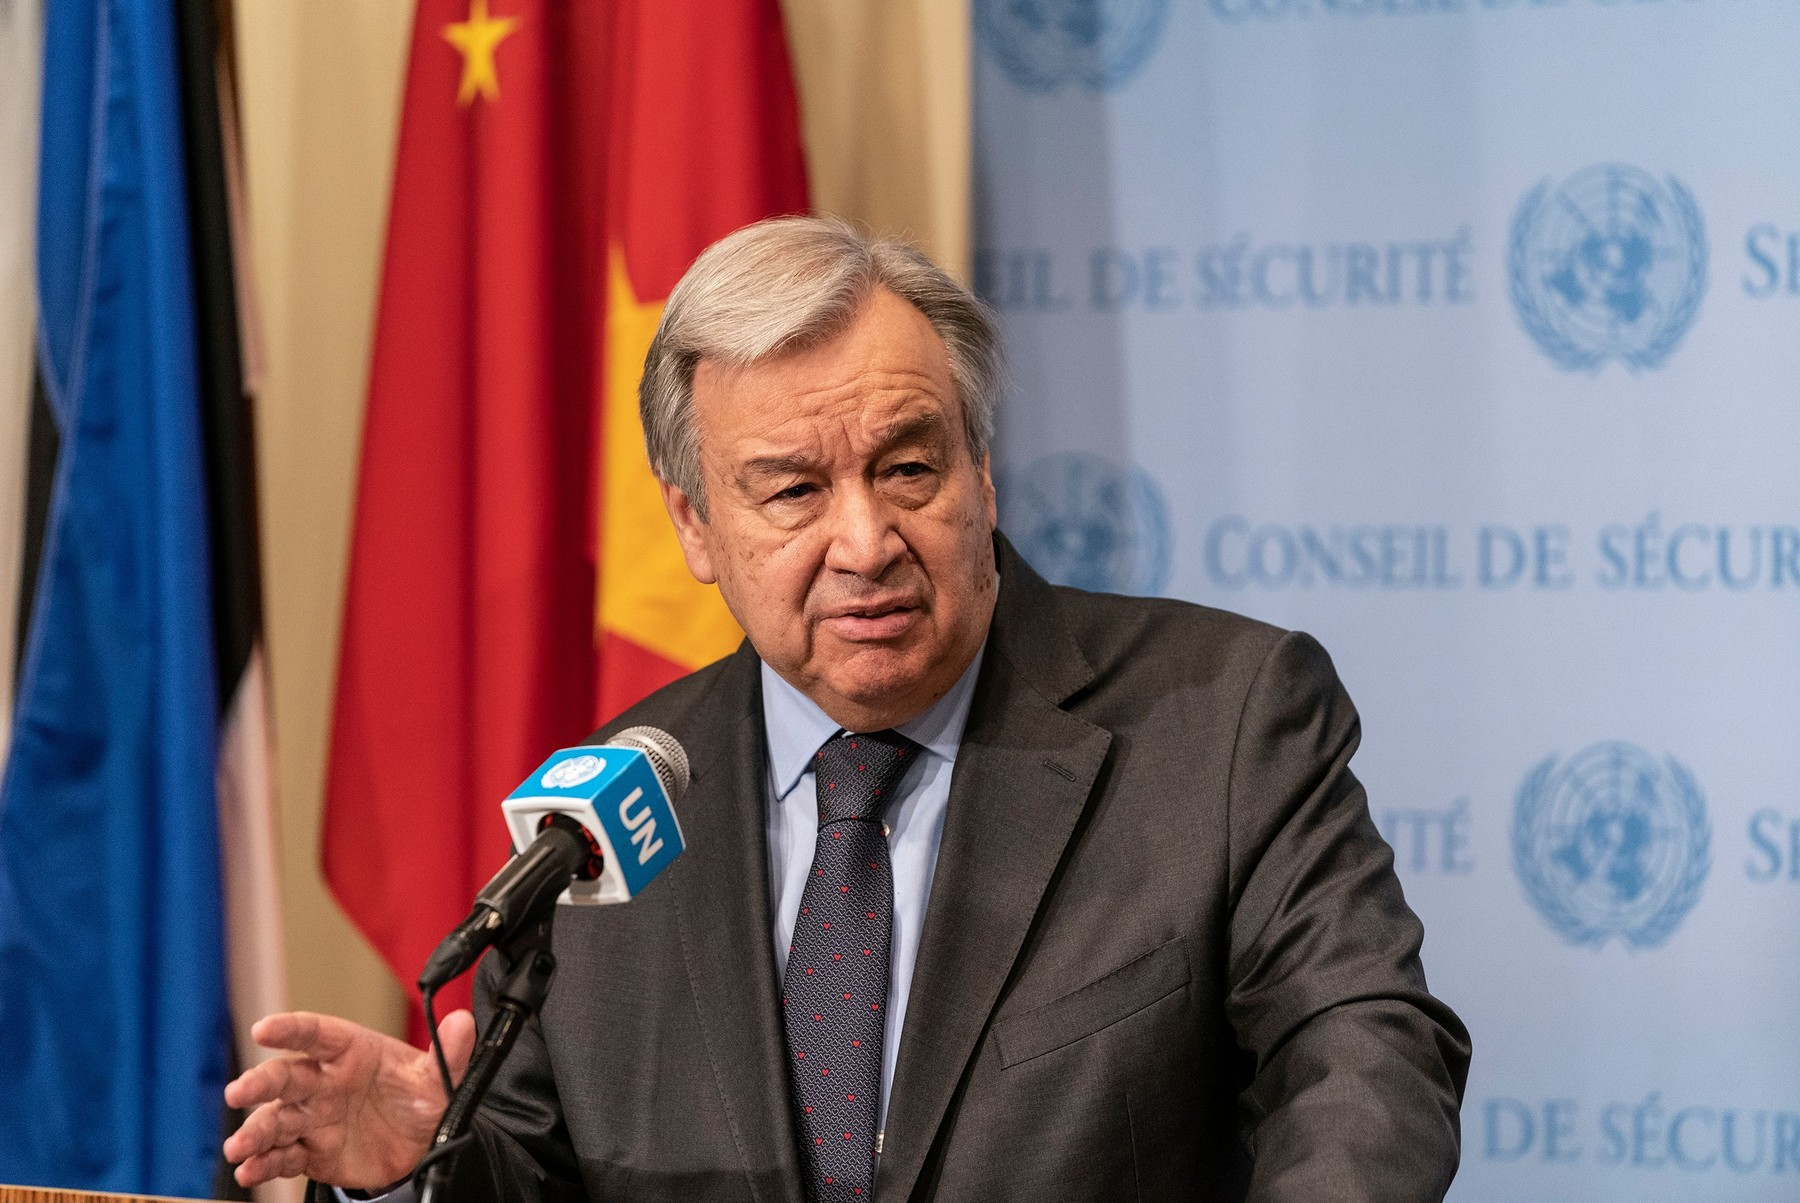 Antonio Guterres a fost reales secretar general al Naţiunilor Unite